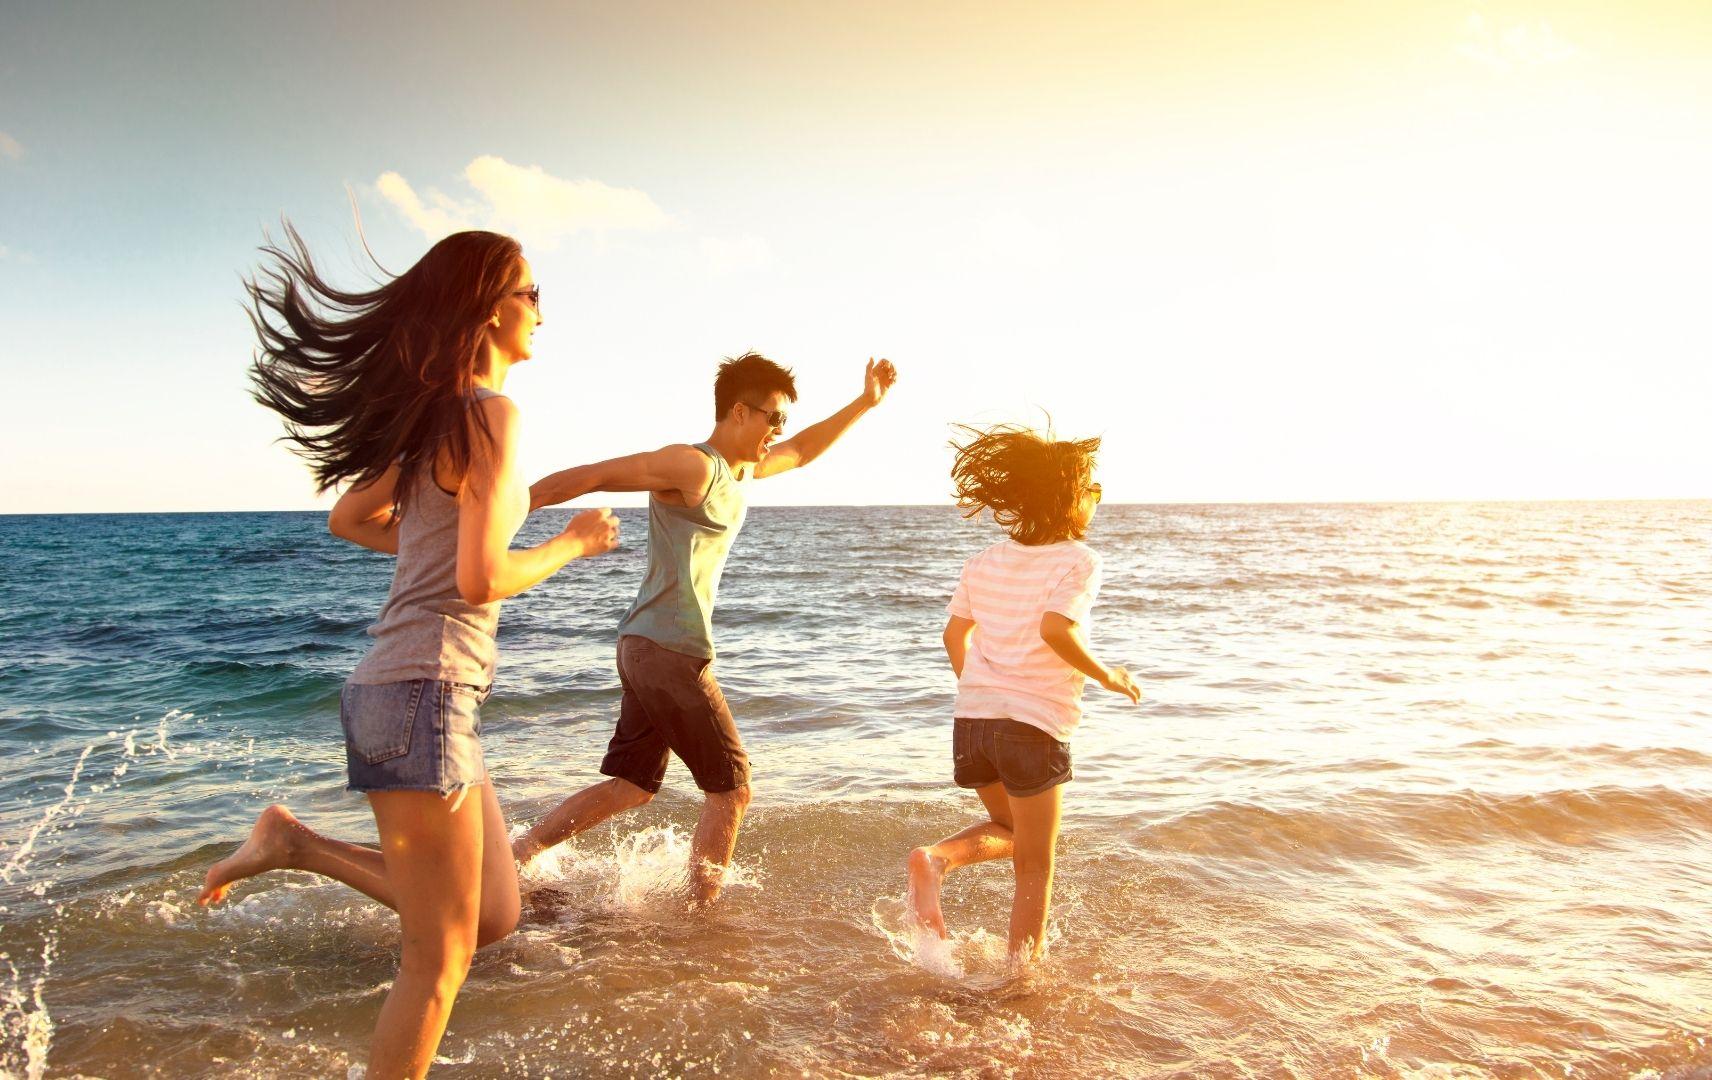 Strandspiel - Kinder rennen am Strand